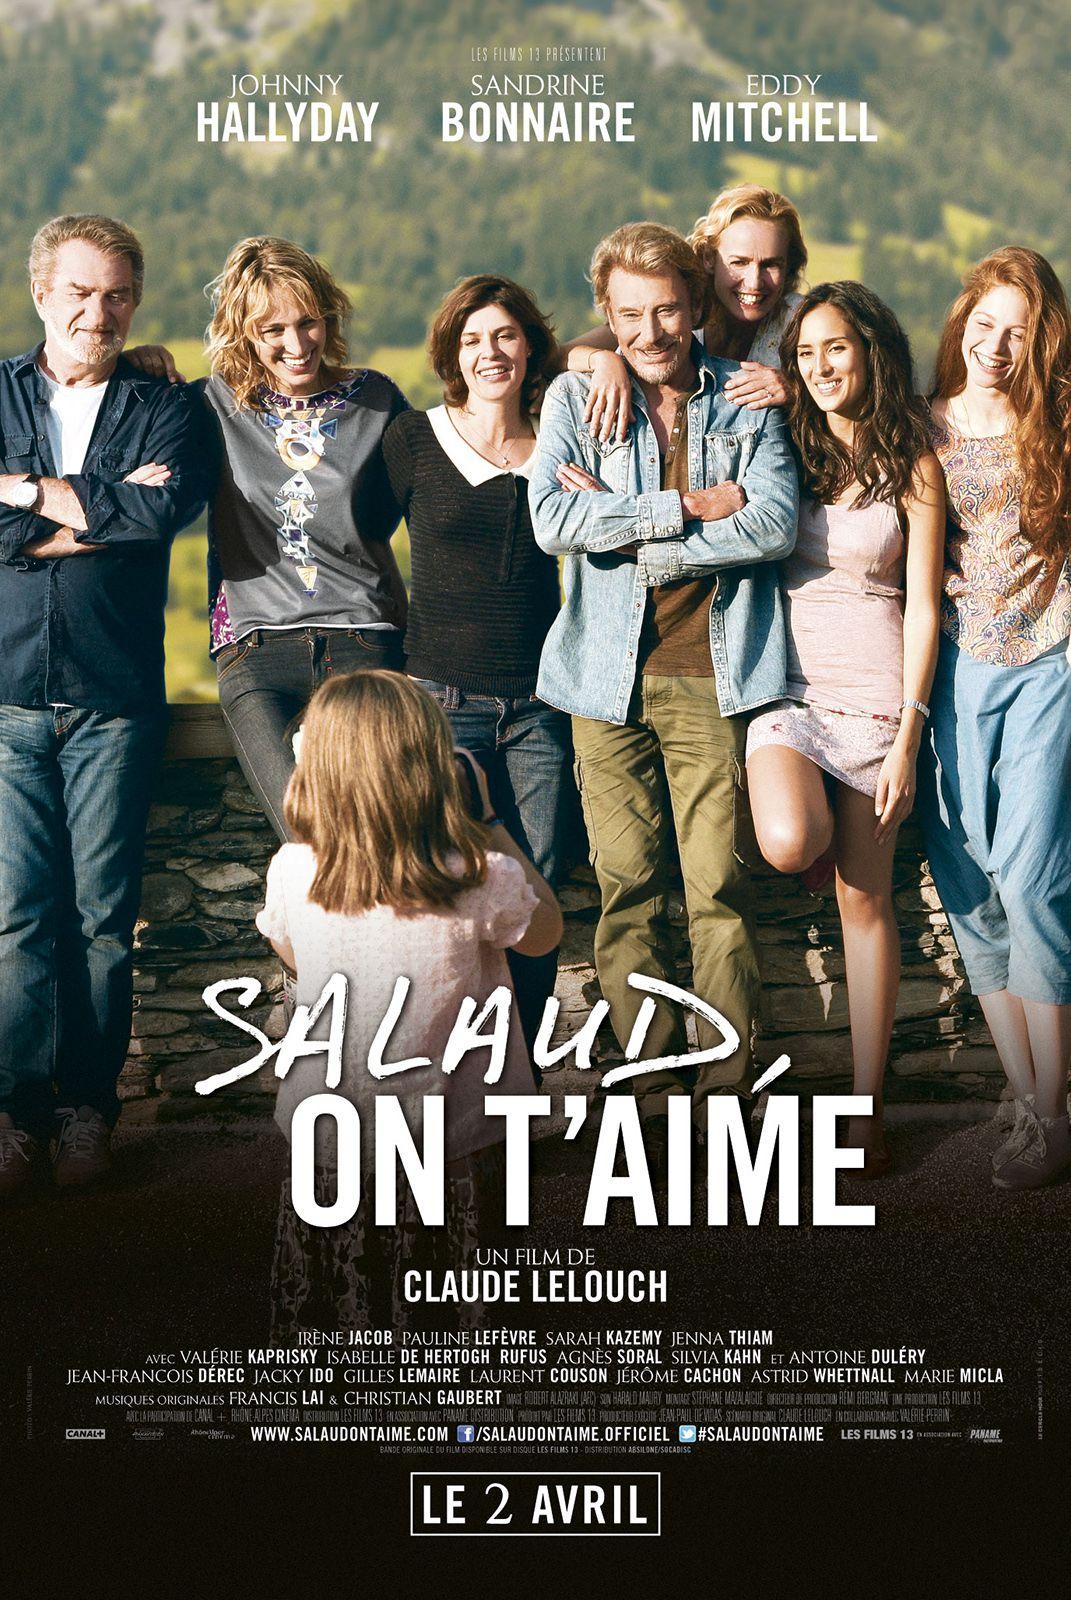 Salaud, on t'aime - Film (2014)